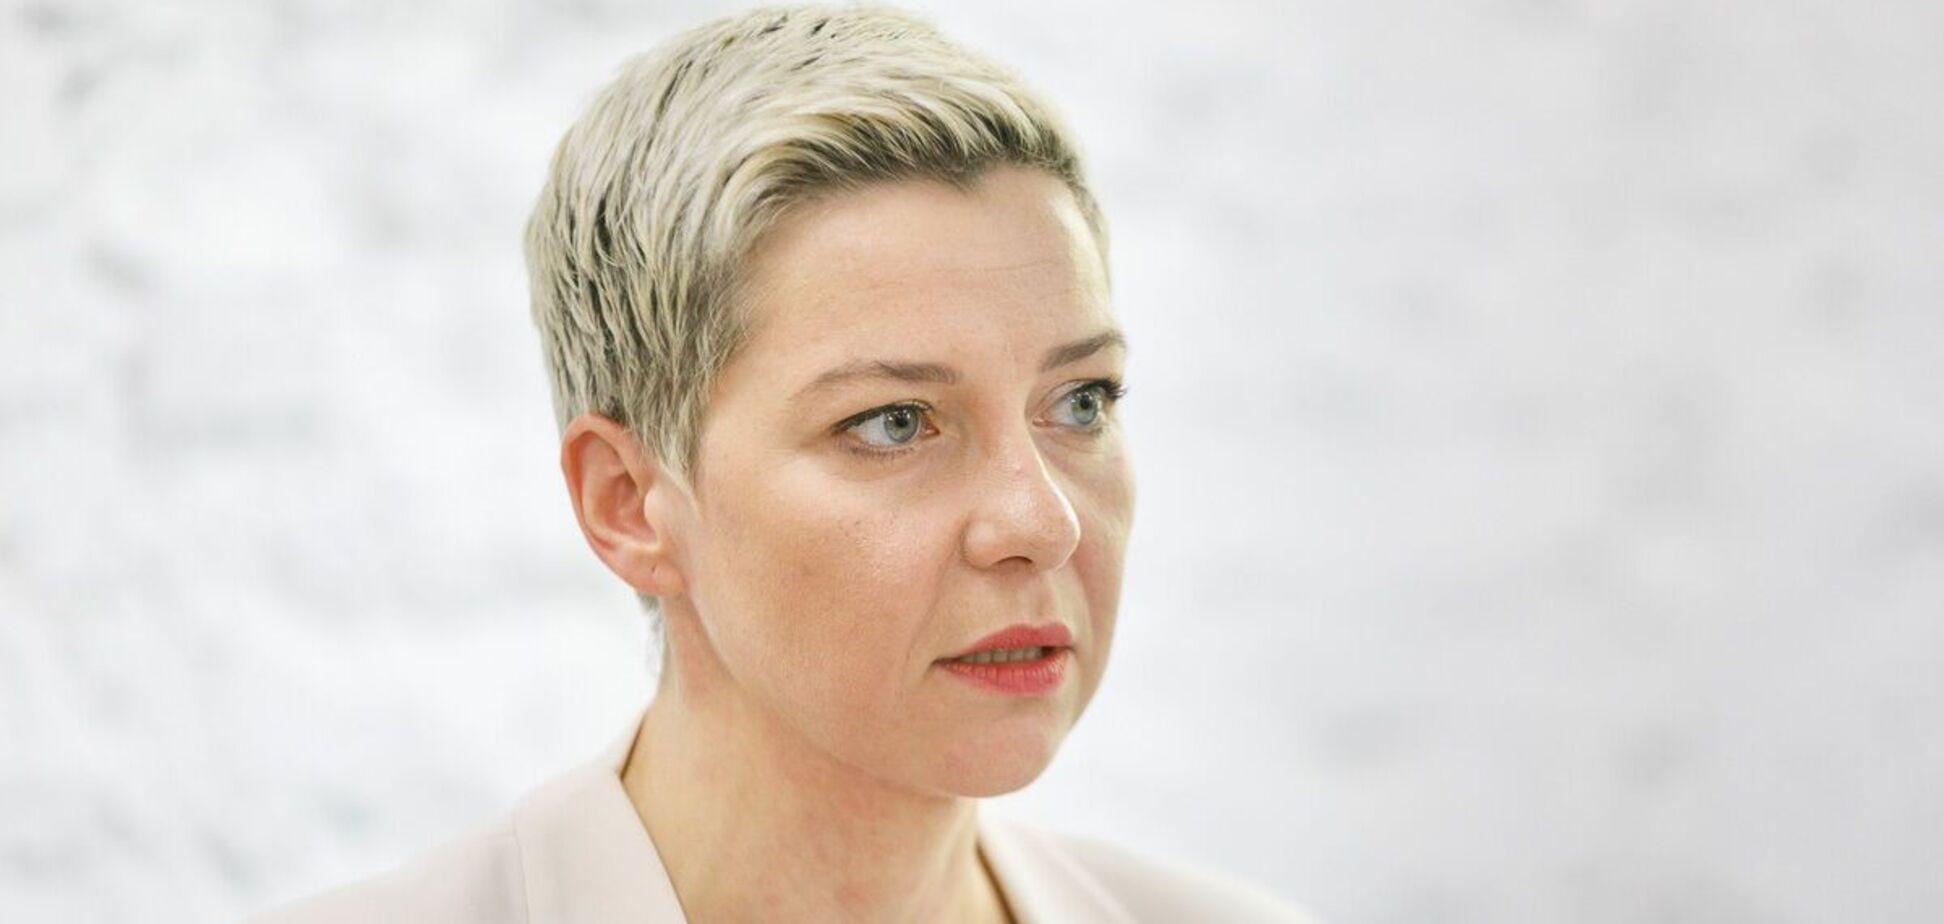 У Білорусі опозиція вказала на місце перебування викраденої Колесникової